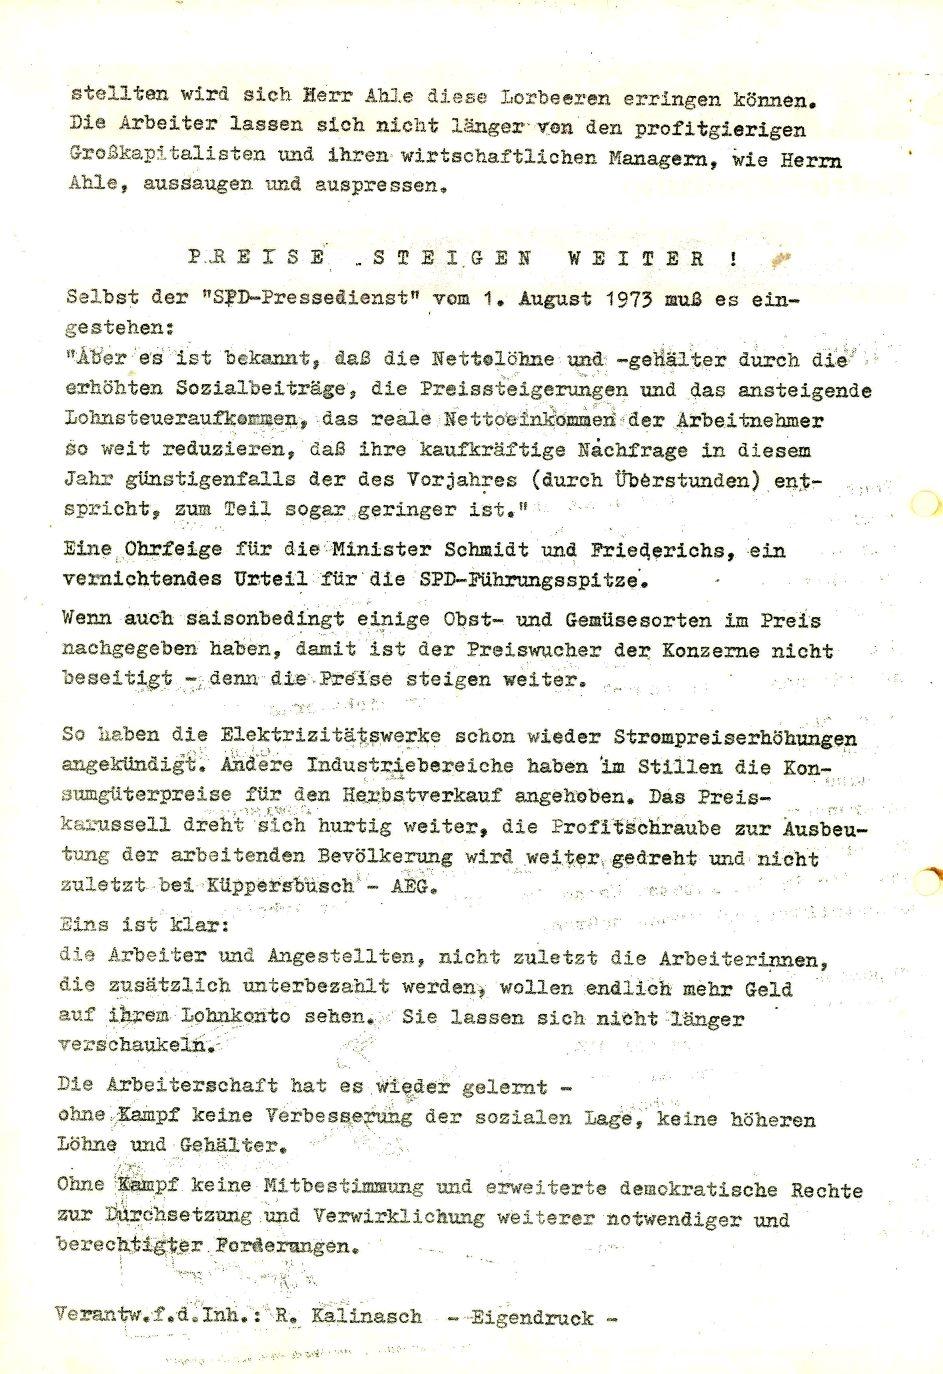 Heisse_Platte_1973_03_02